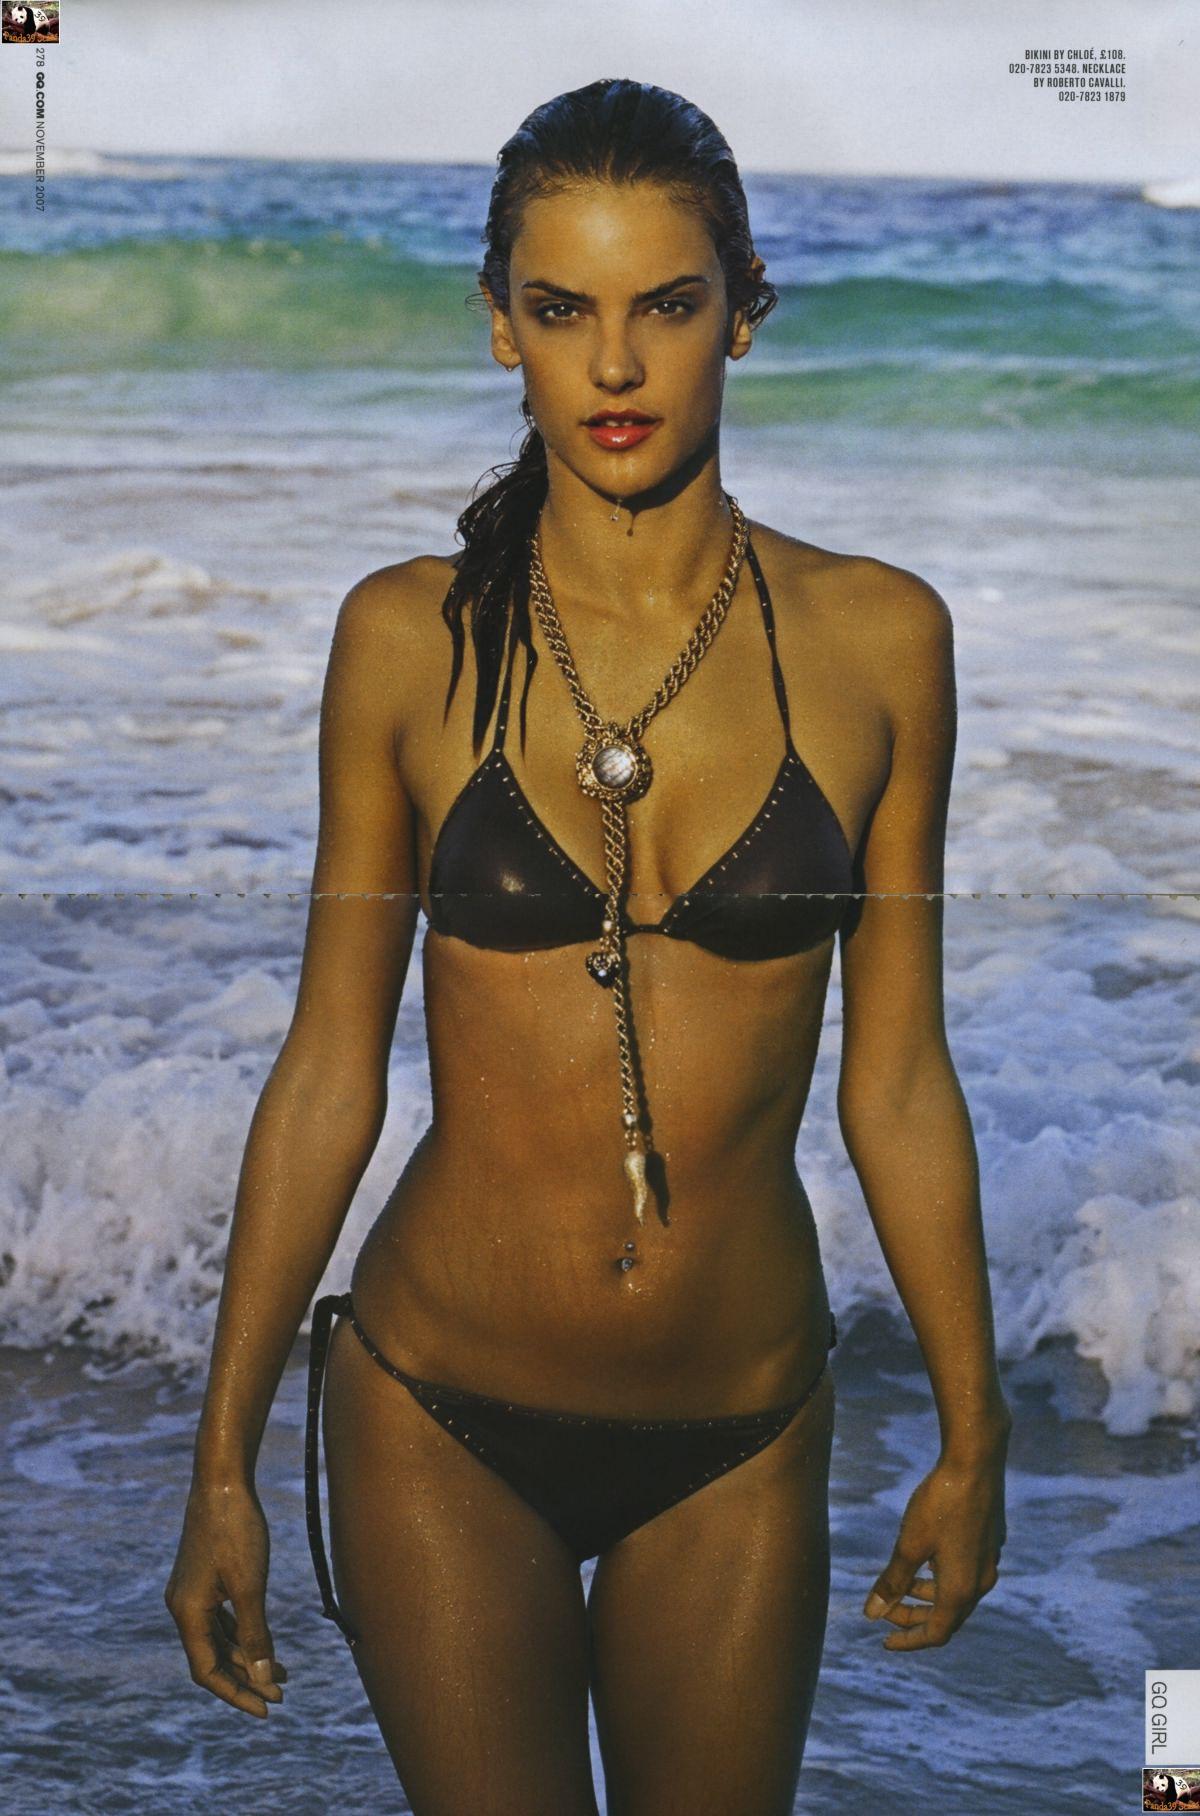 Alessandra Ambrosio covergirl